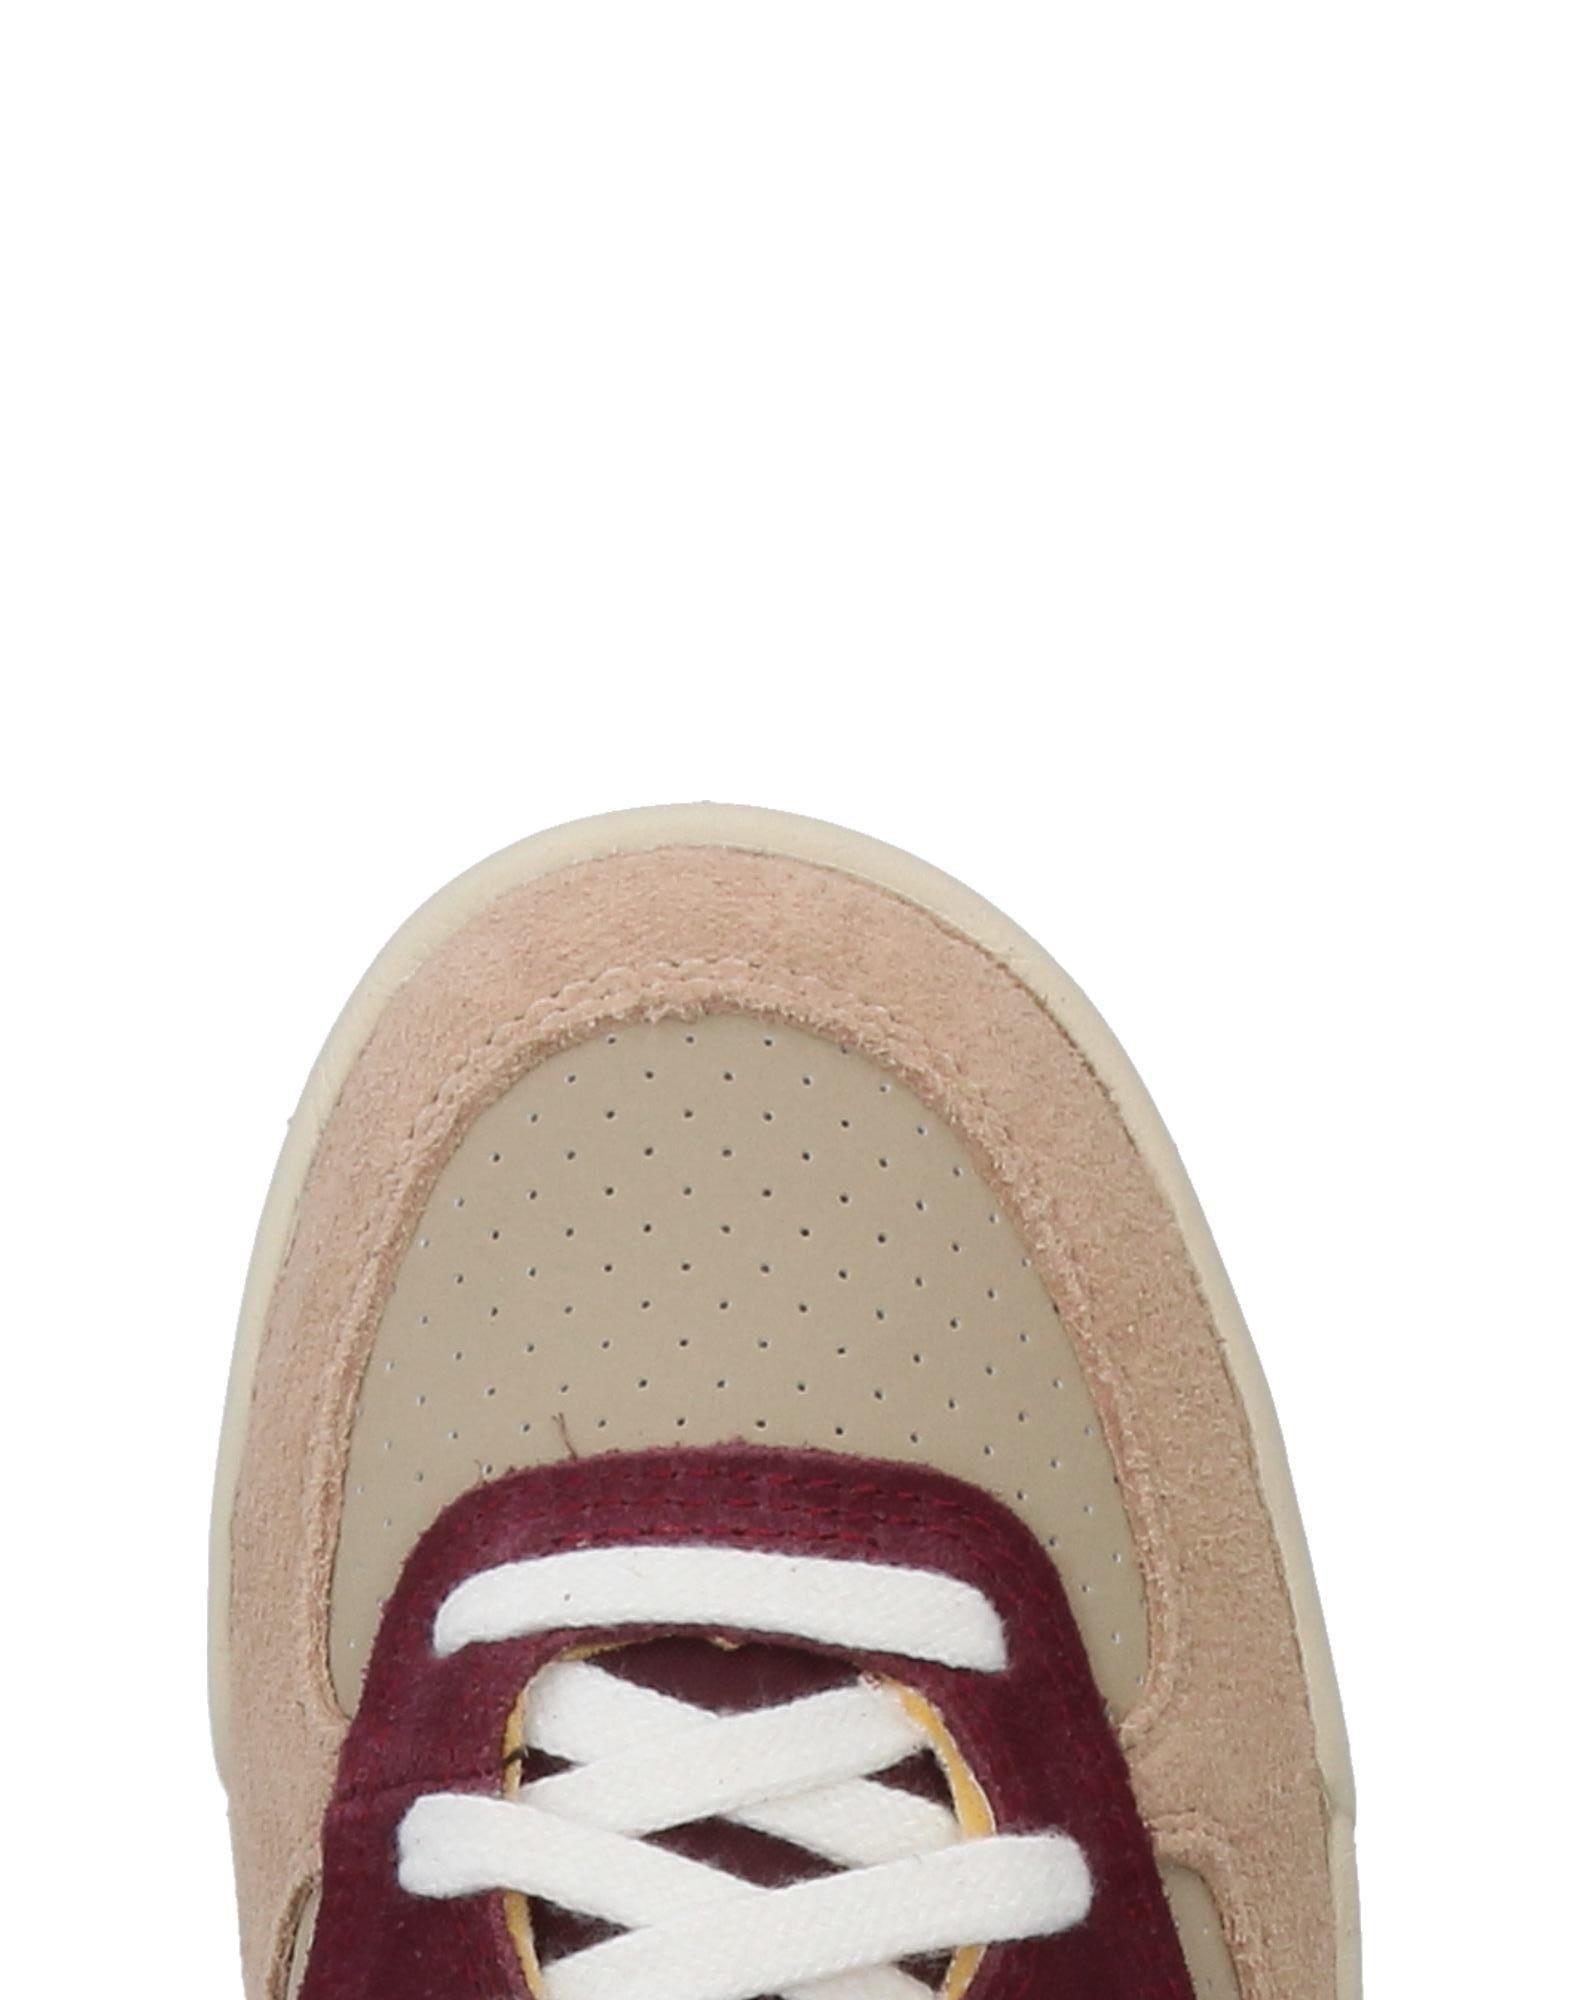 New Balance Sneakers Damen Schuhe  11401411UN Gute Qualität beliebte Schuhe Damen 1c16e7